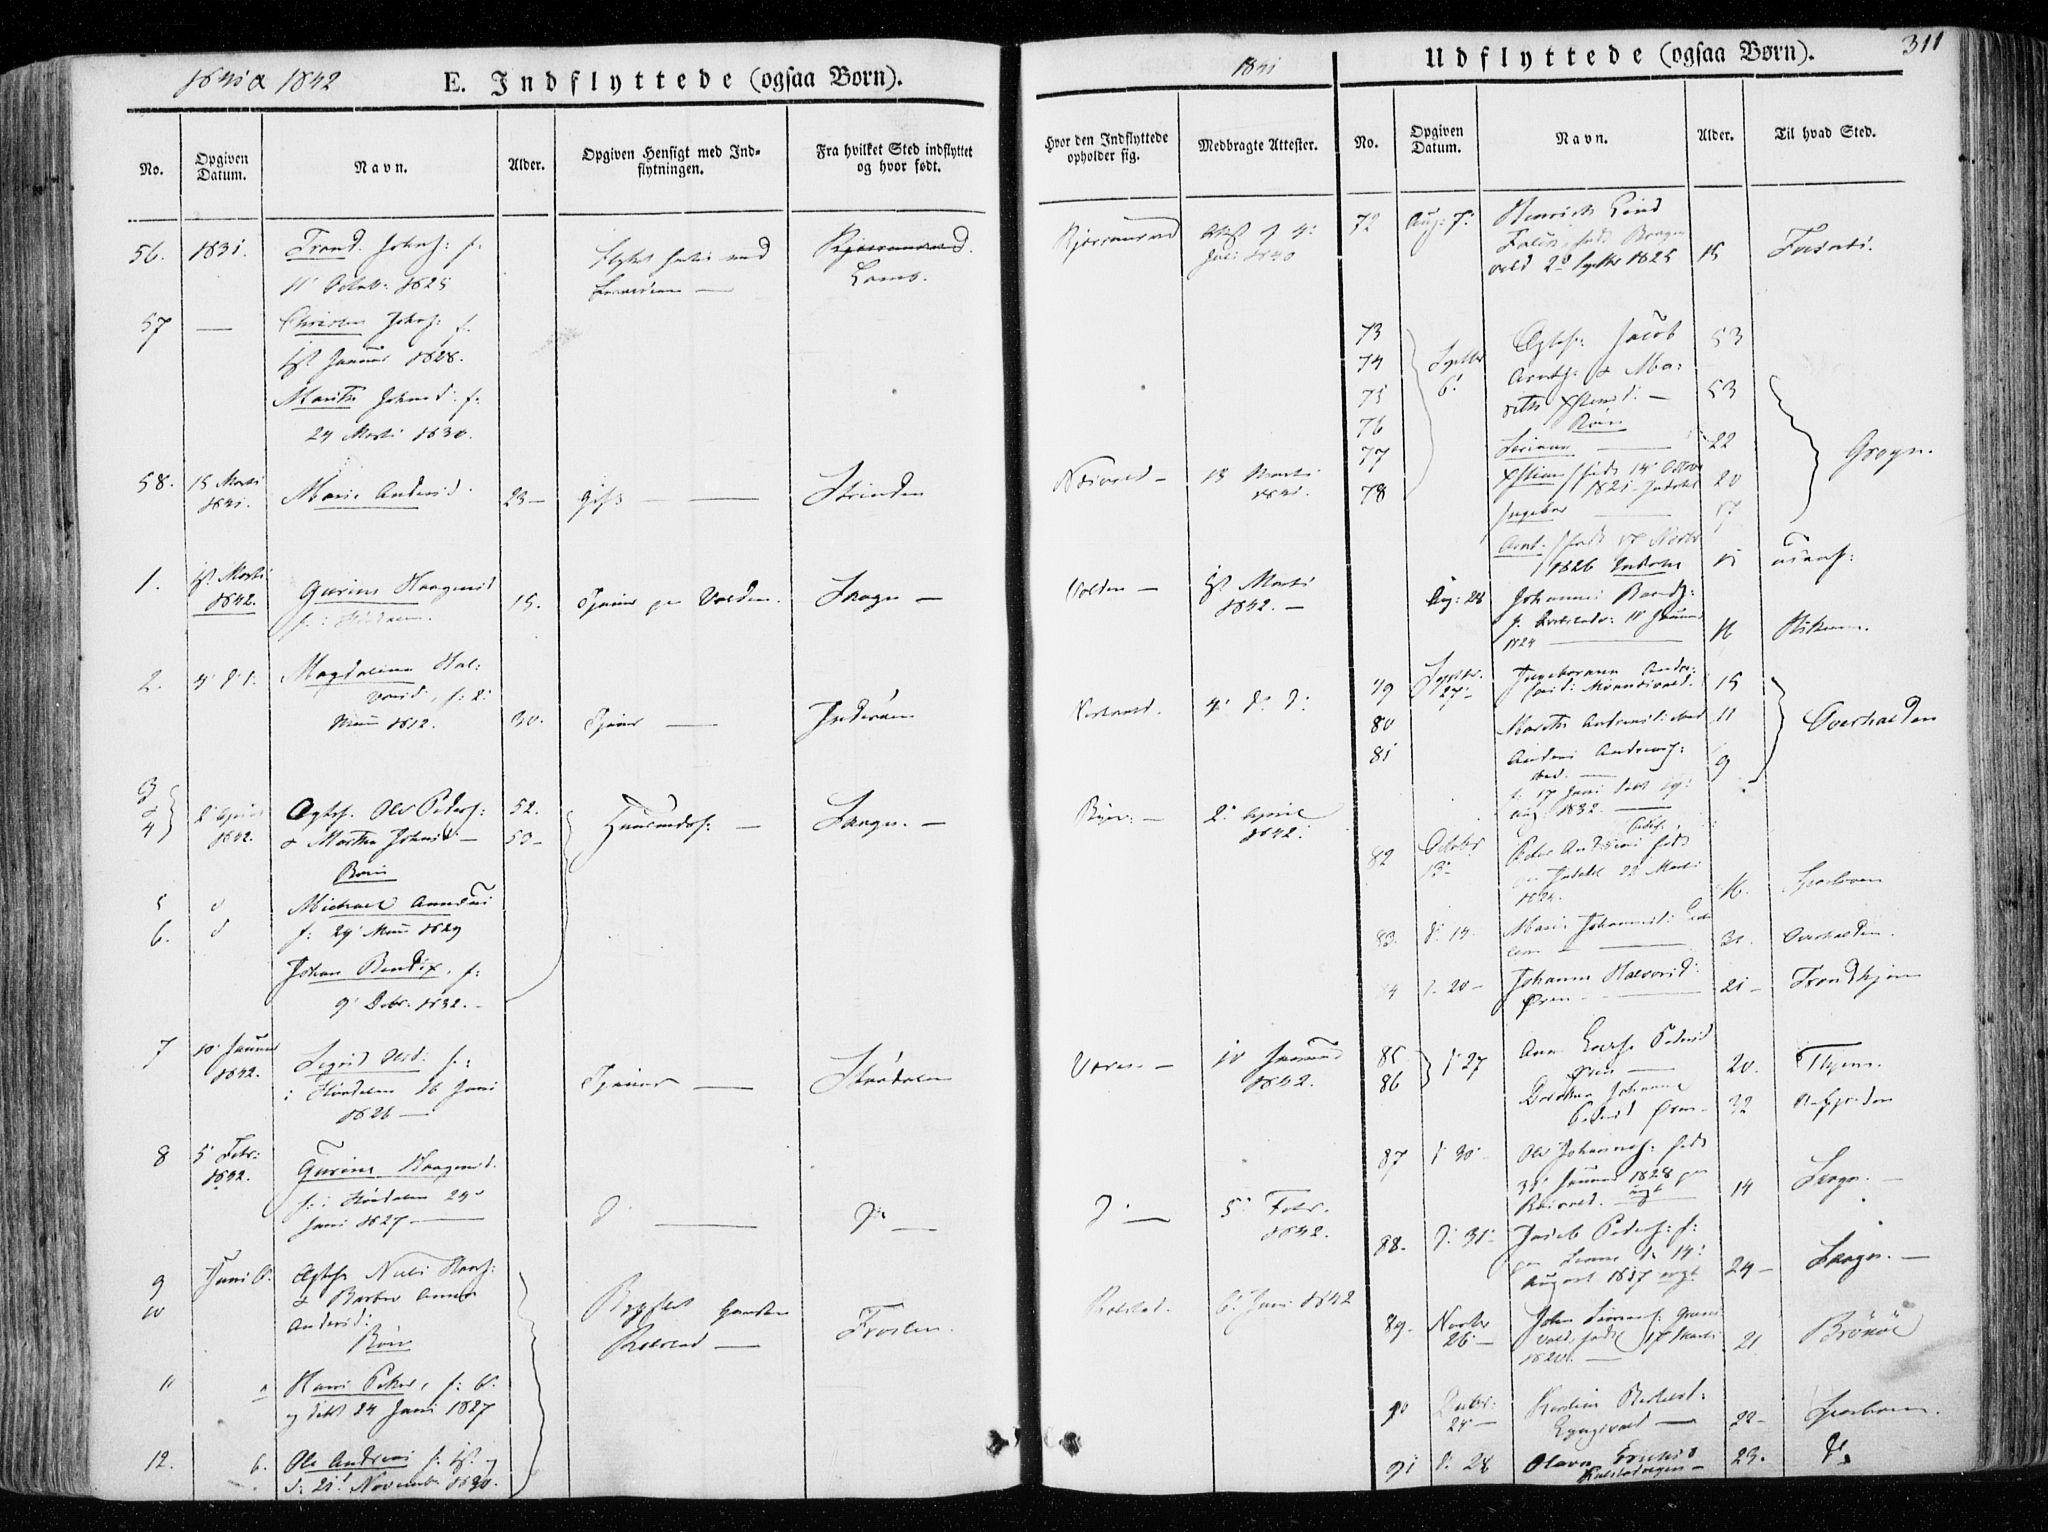 SAT, Ministerialprotokoller, klokkerbøker og fødselsregistre - Nord-Trøndelag, 723/L0239: Ministerialbok nr. 723A08, 1841-1851, s. 311